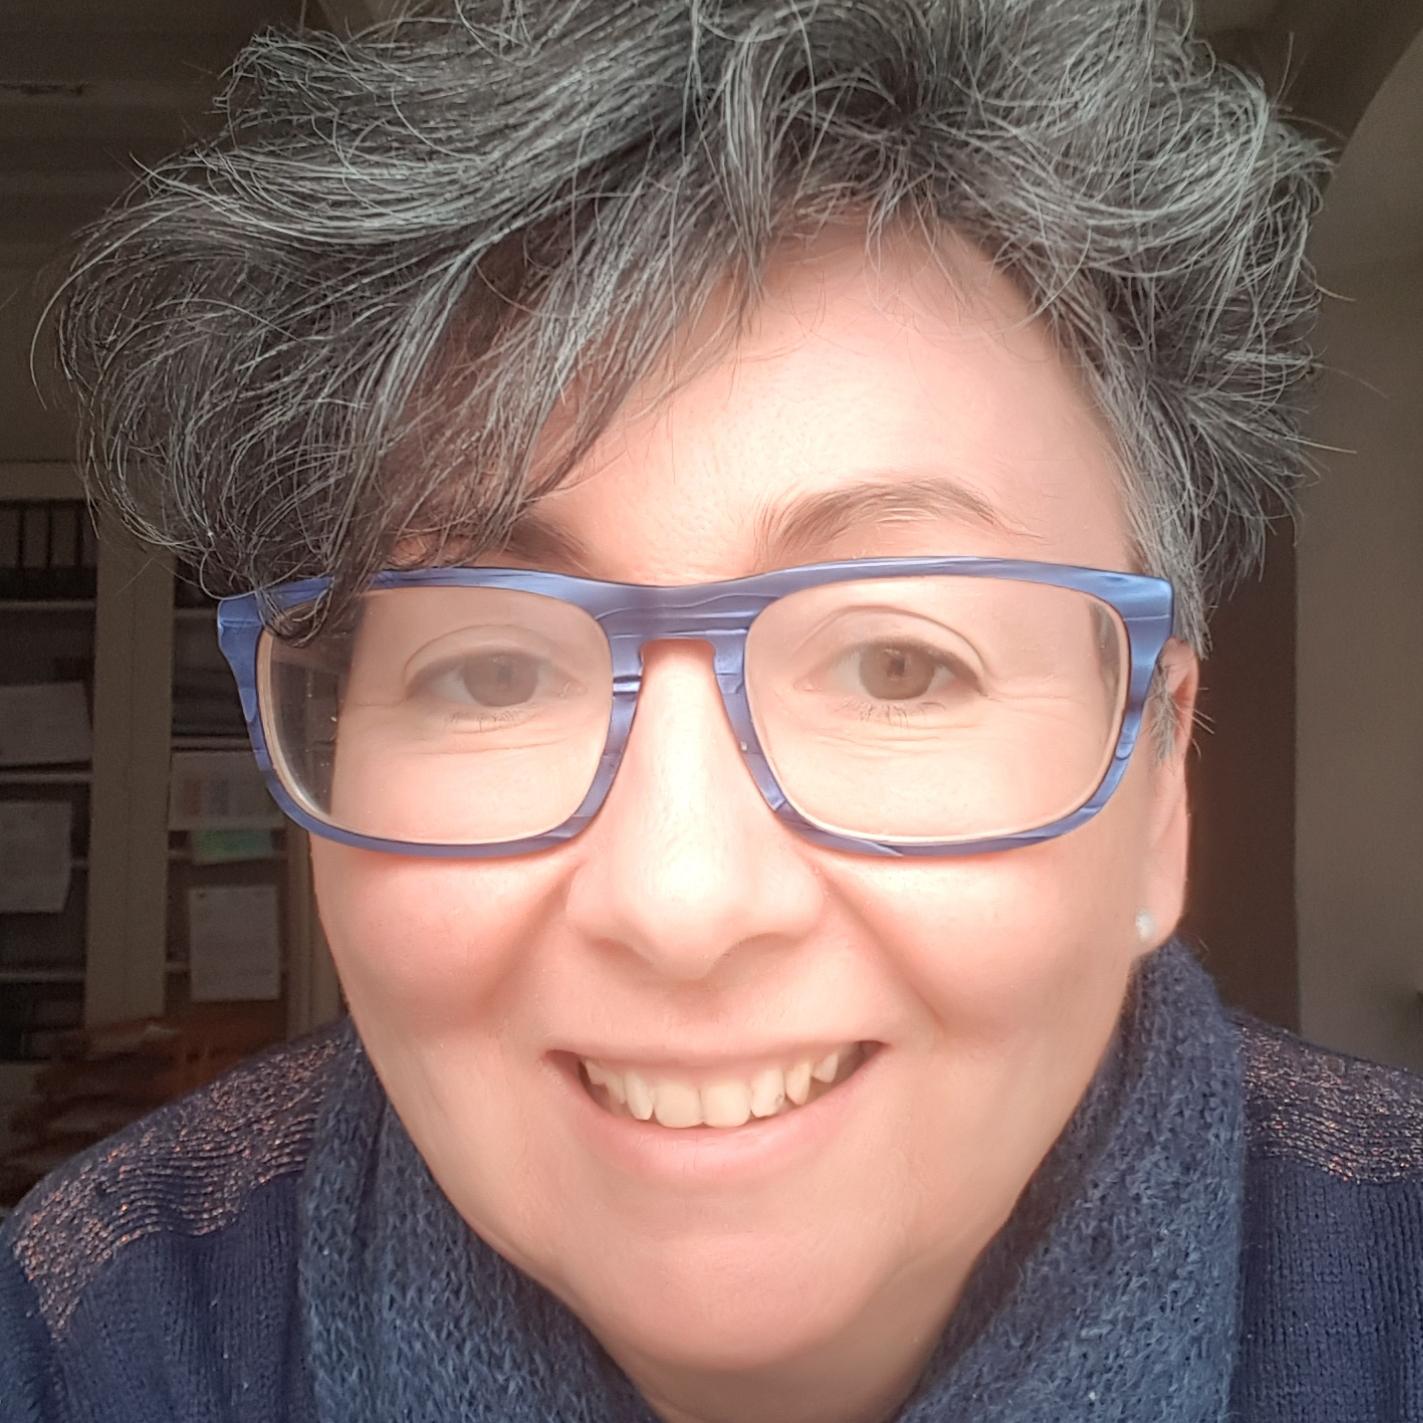 Dr. Sabine Zehentmeier-Lang